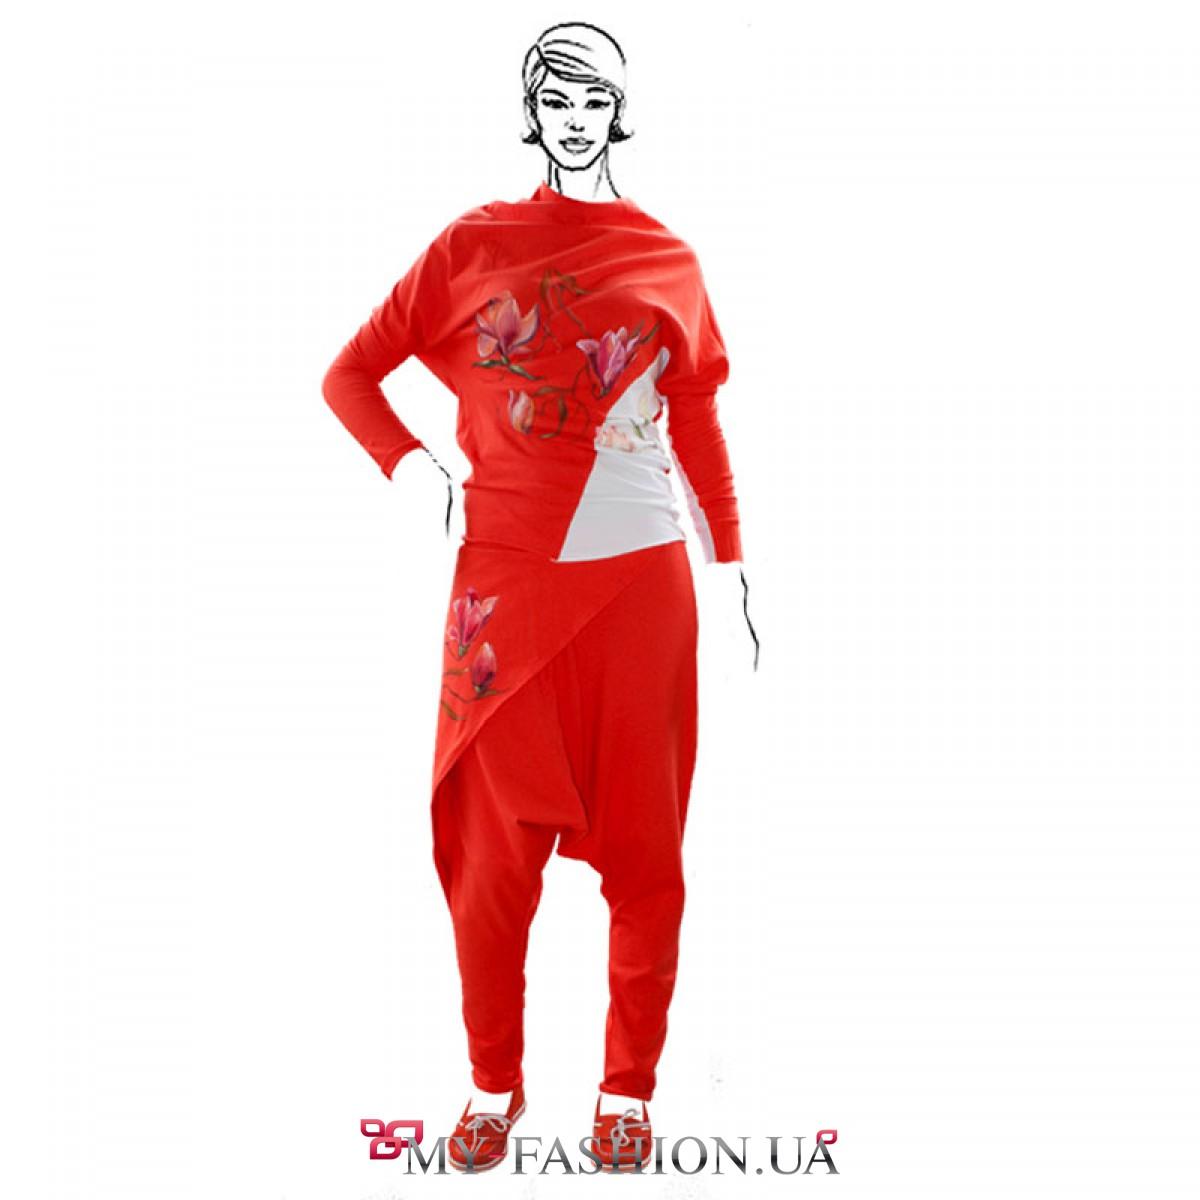 Красный костюм женский доставка